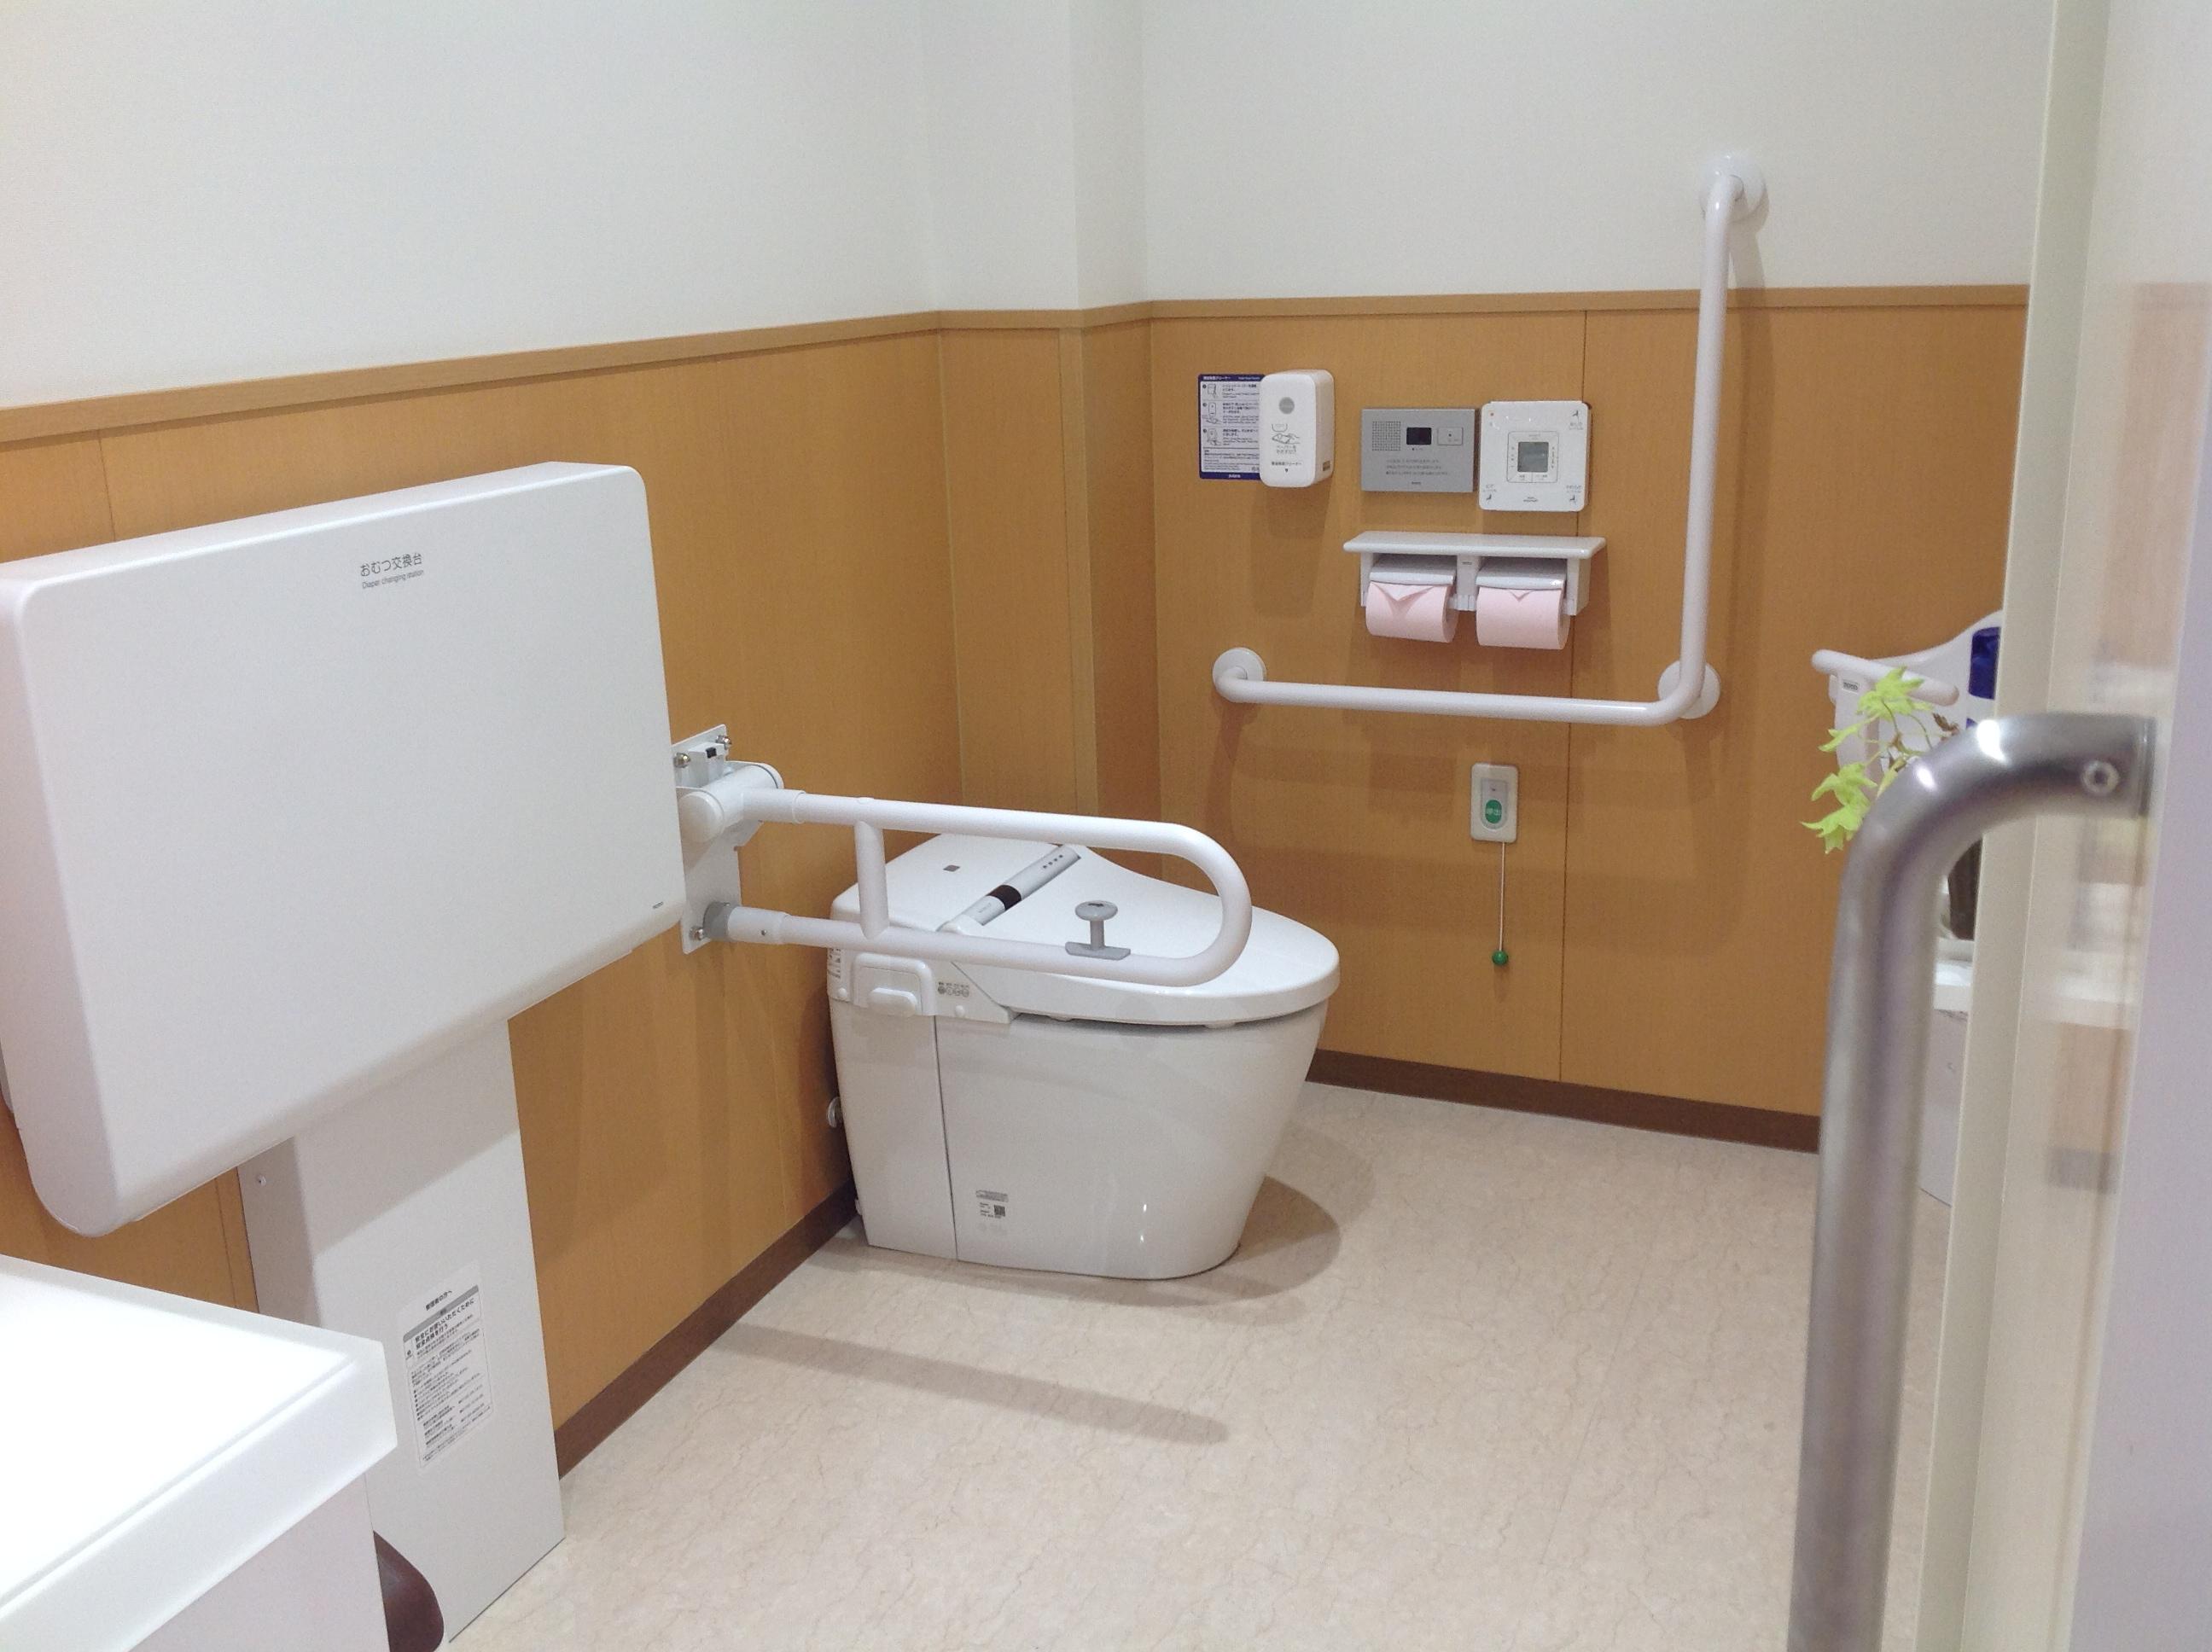 清潔でキレイなお手洗い 多機能トイレも完備